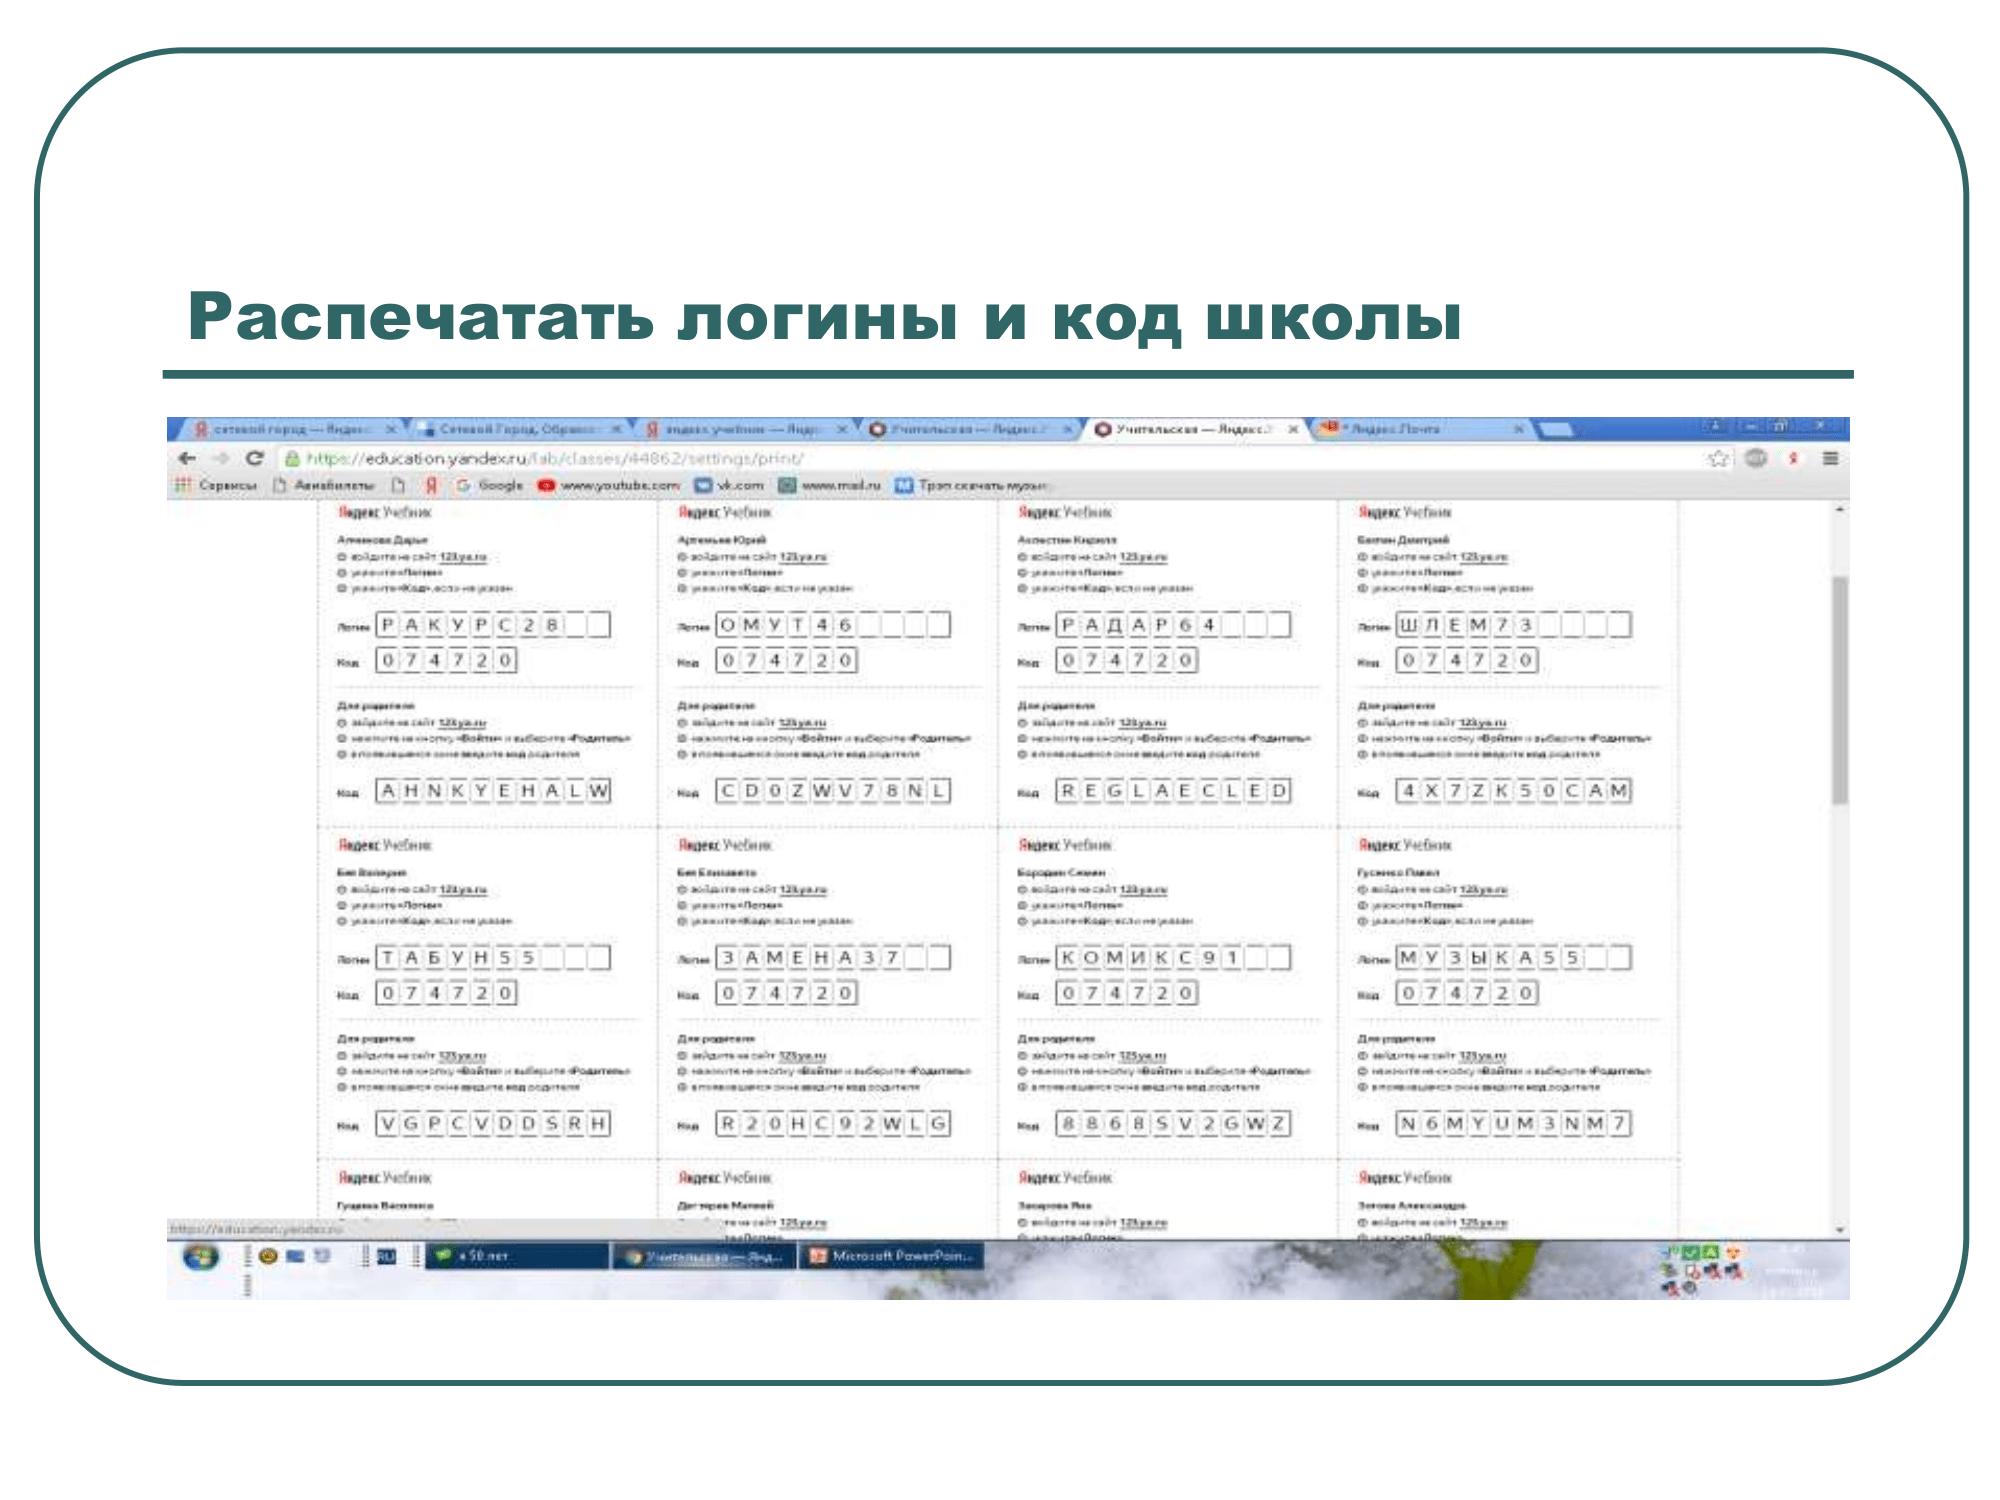 яндекс учебник. Презентация к докладу Васильченко Т.В._0010